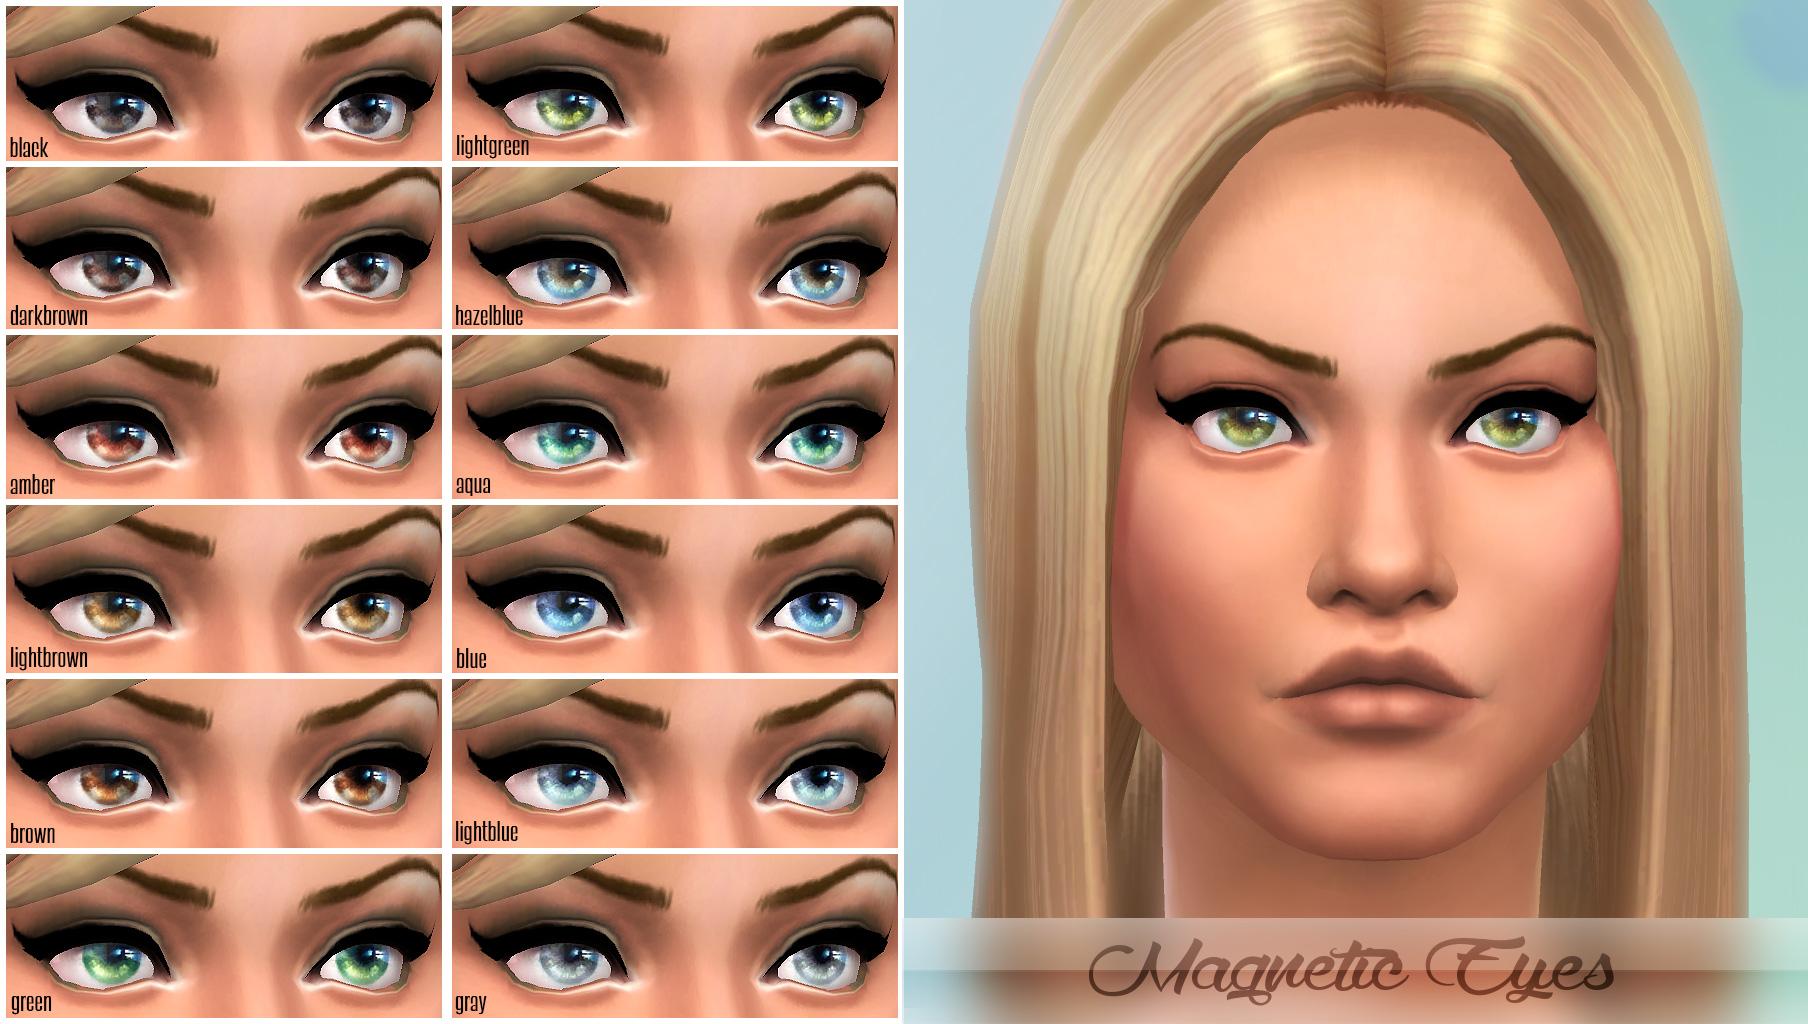 模拟人生4充满吸引力的瞳孔